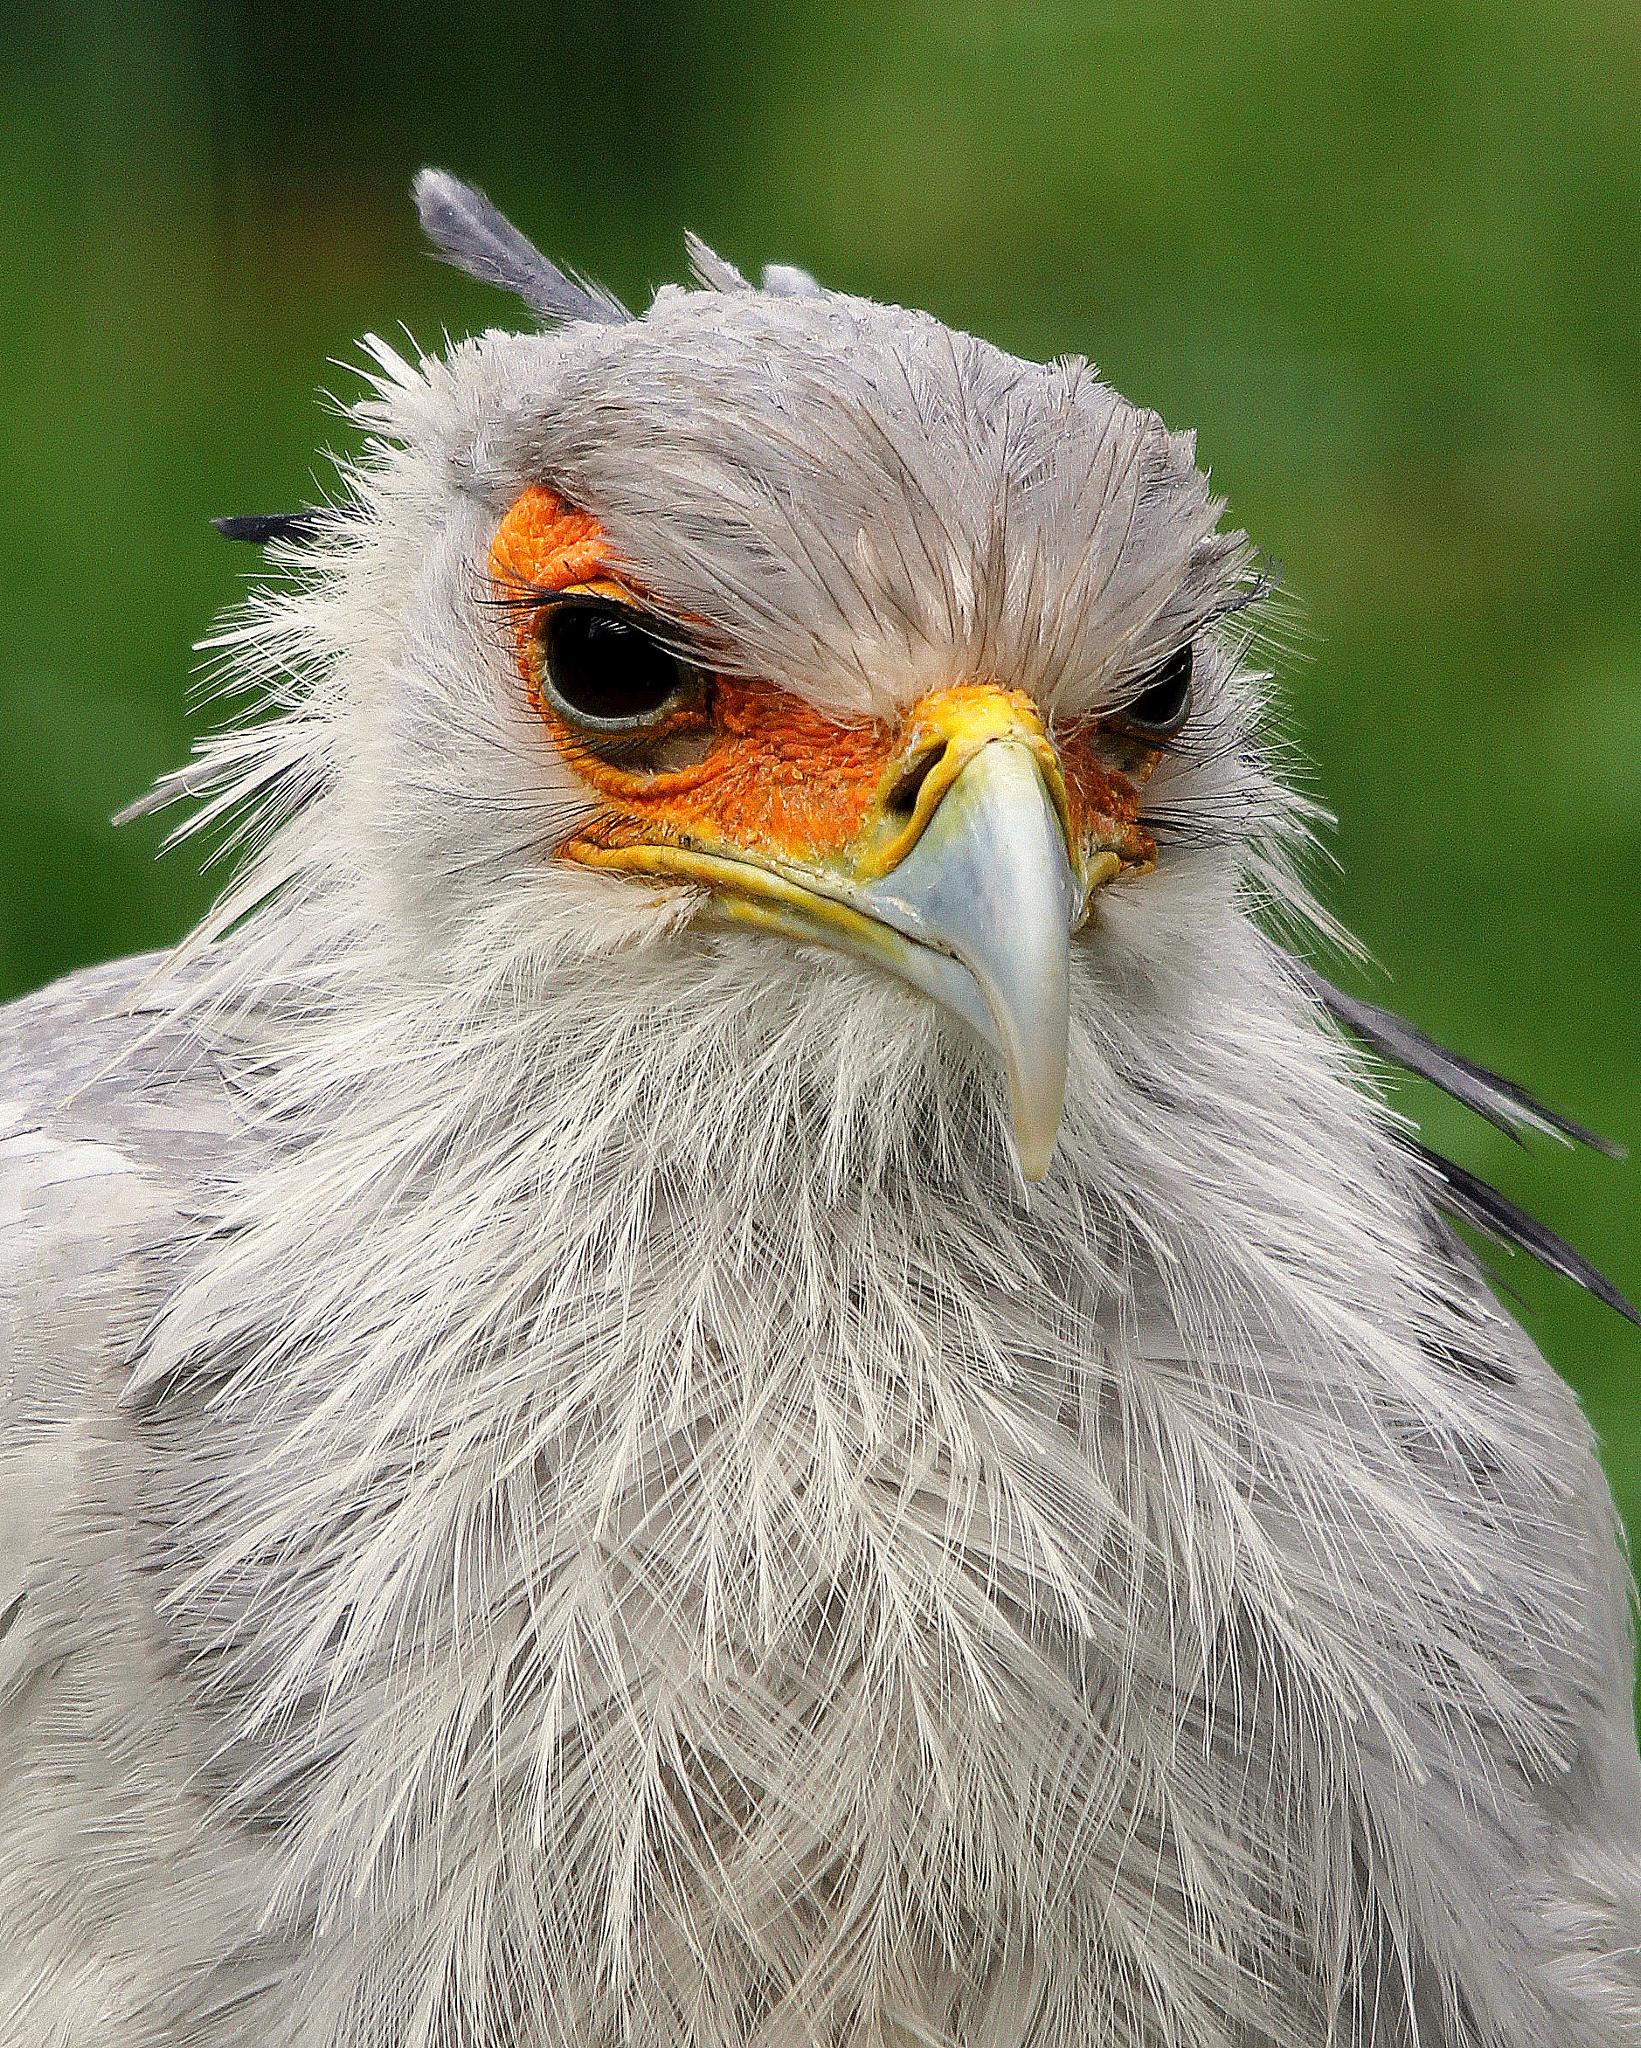 Wet Look Secretary Bird by Ralphharvey